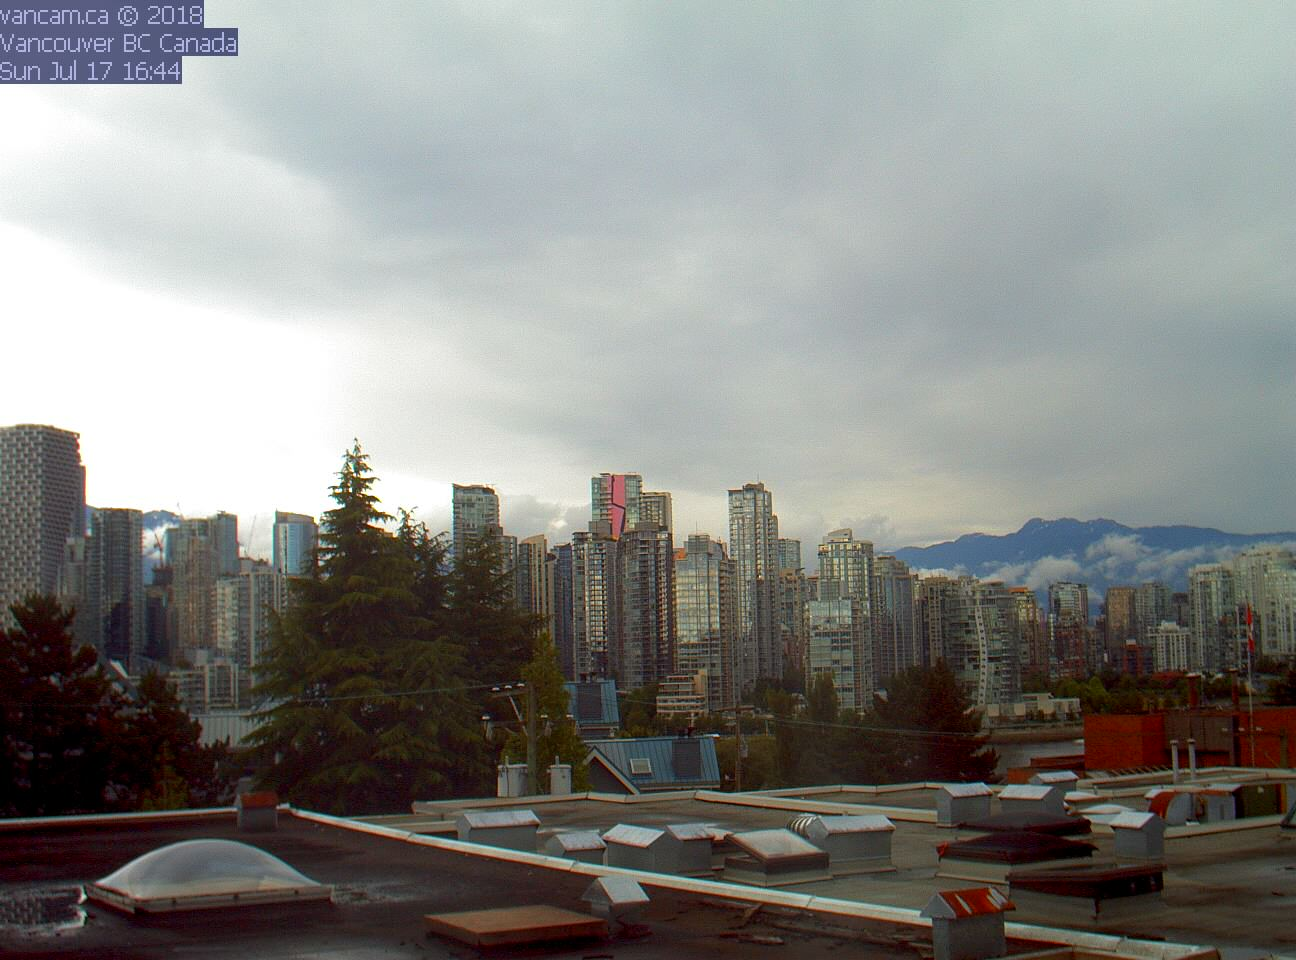 Vancouver Sa. 16:45